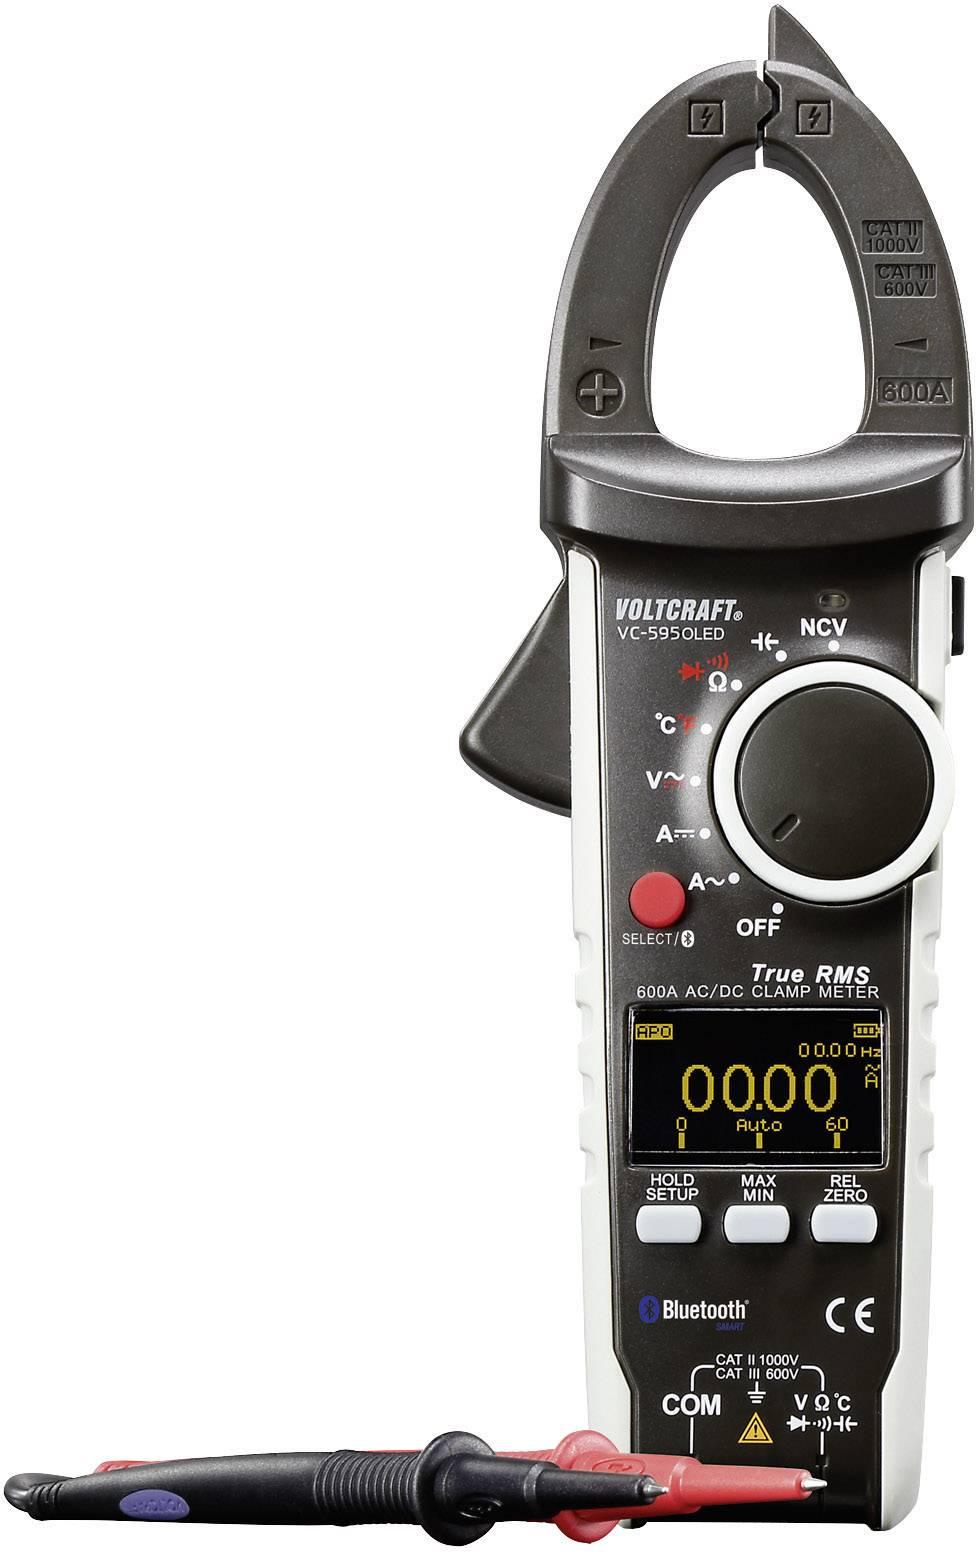 Klešťový multimetr Voltcraft VC-595OLED, AC/DC, Bluetooth